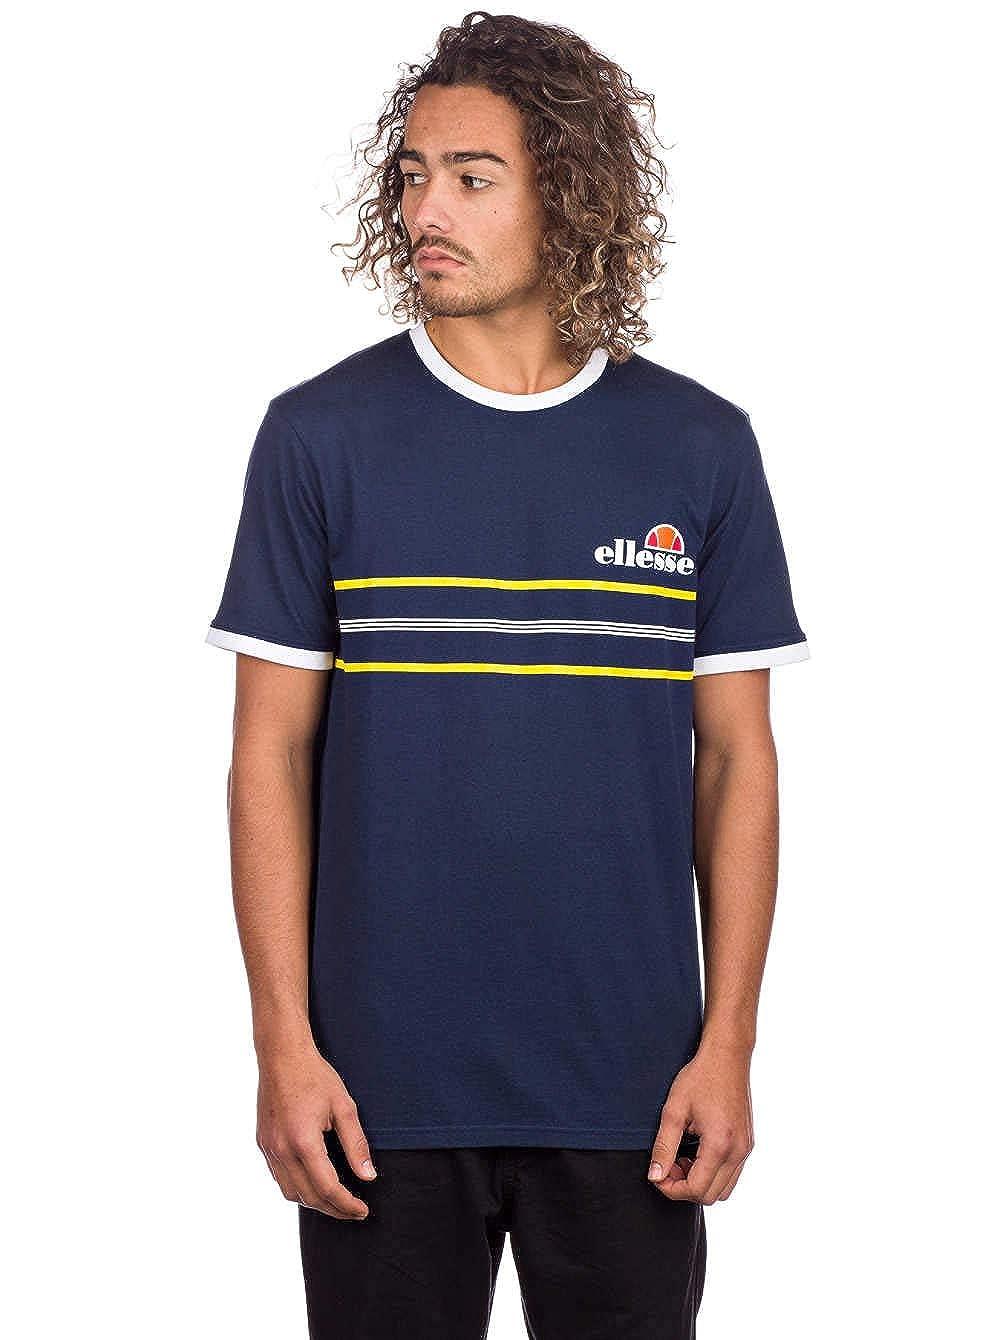 ellesse Mens Gentario T Shirt in Navy |